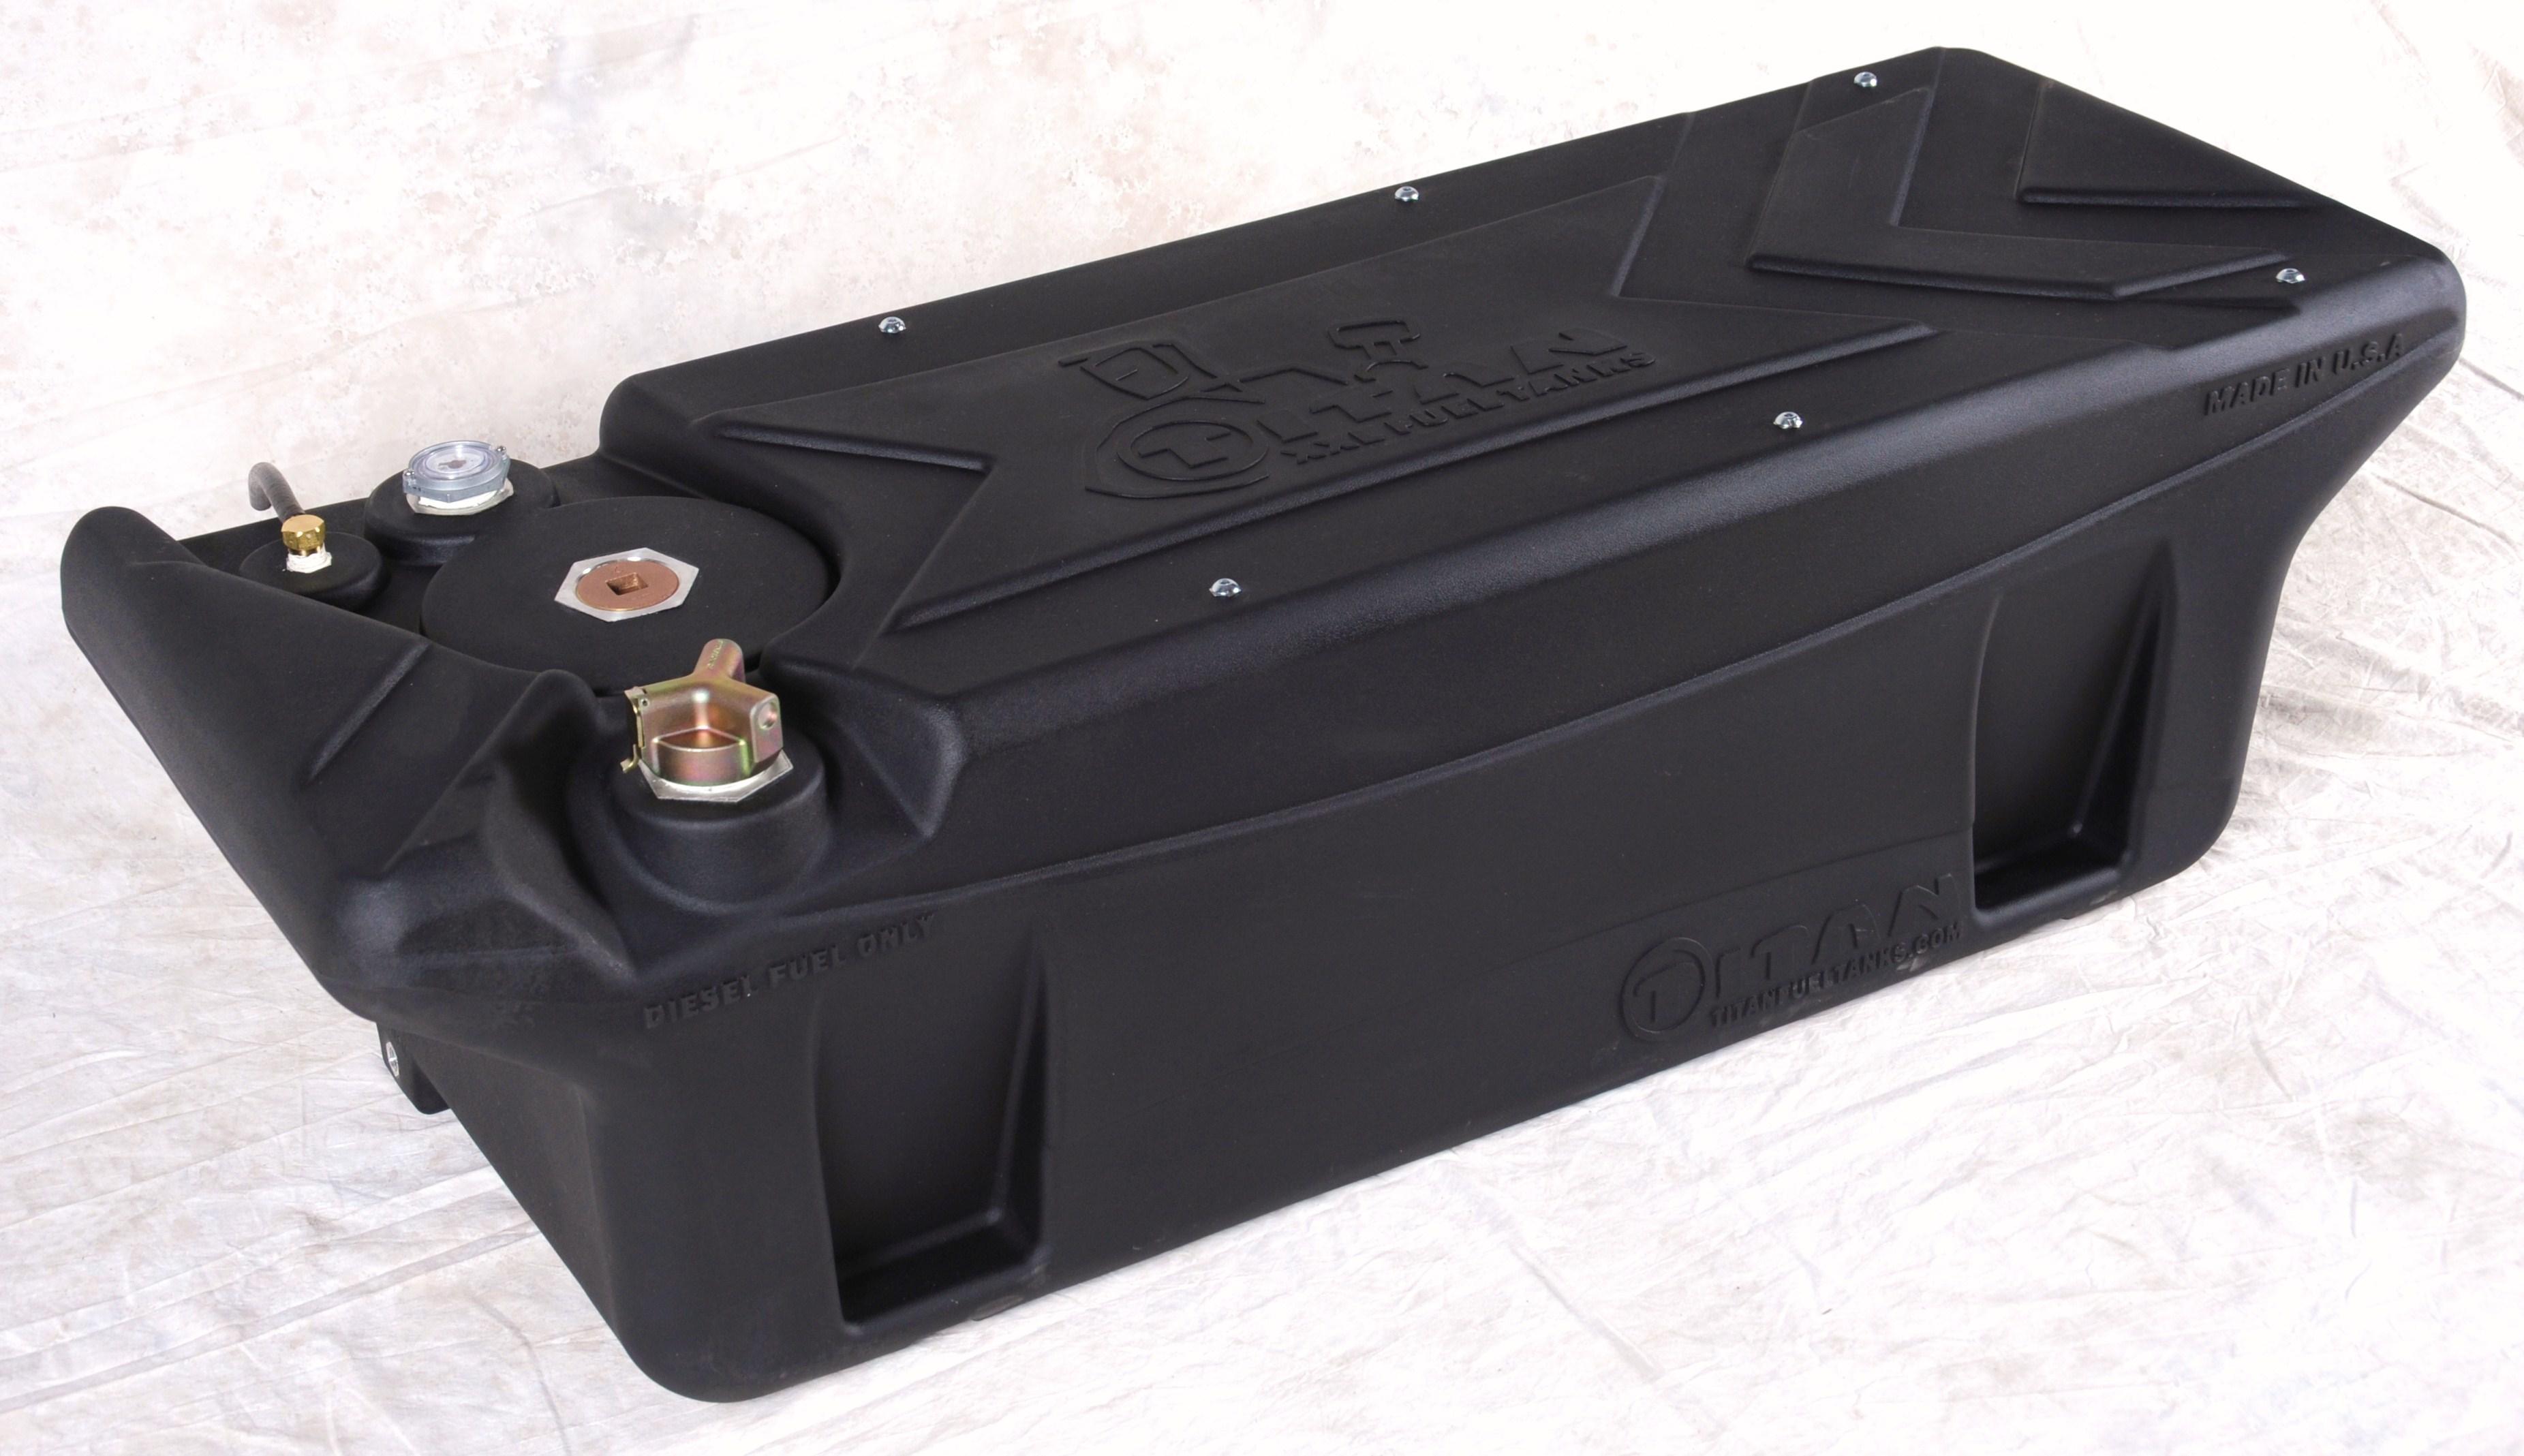 Titan s new 60 gallon in bed base model diesel fuel tank 5010060 5011060